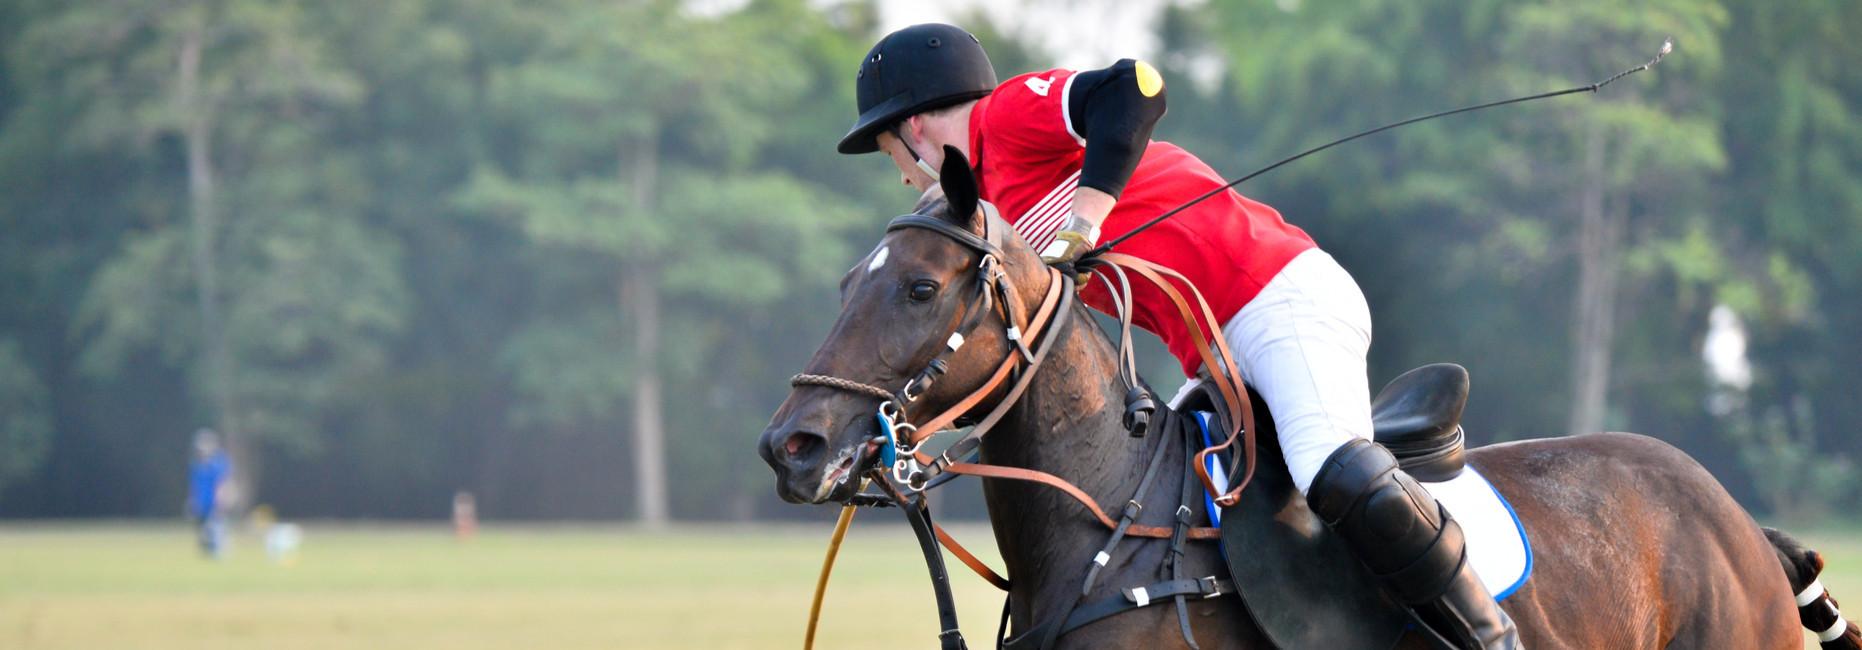 Un sport spectaculaire, un des plus anciens au monde. (Photo: Shutterstock)